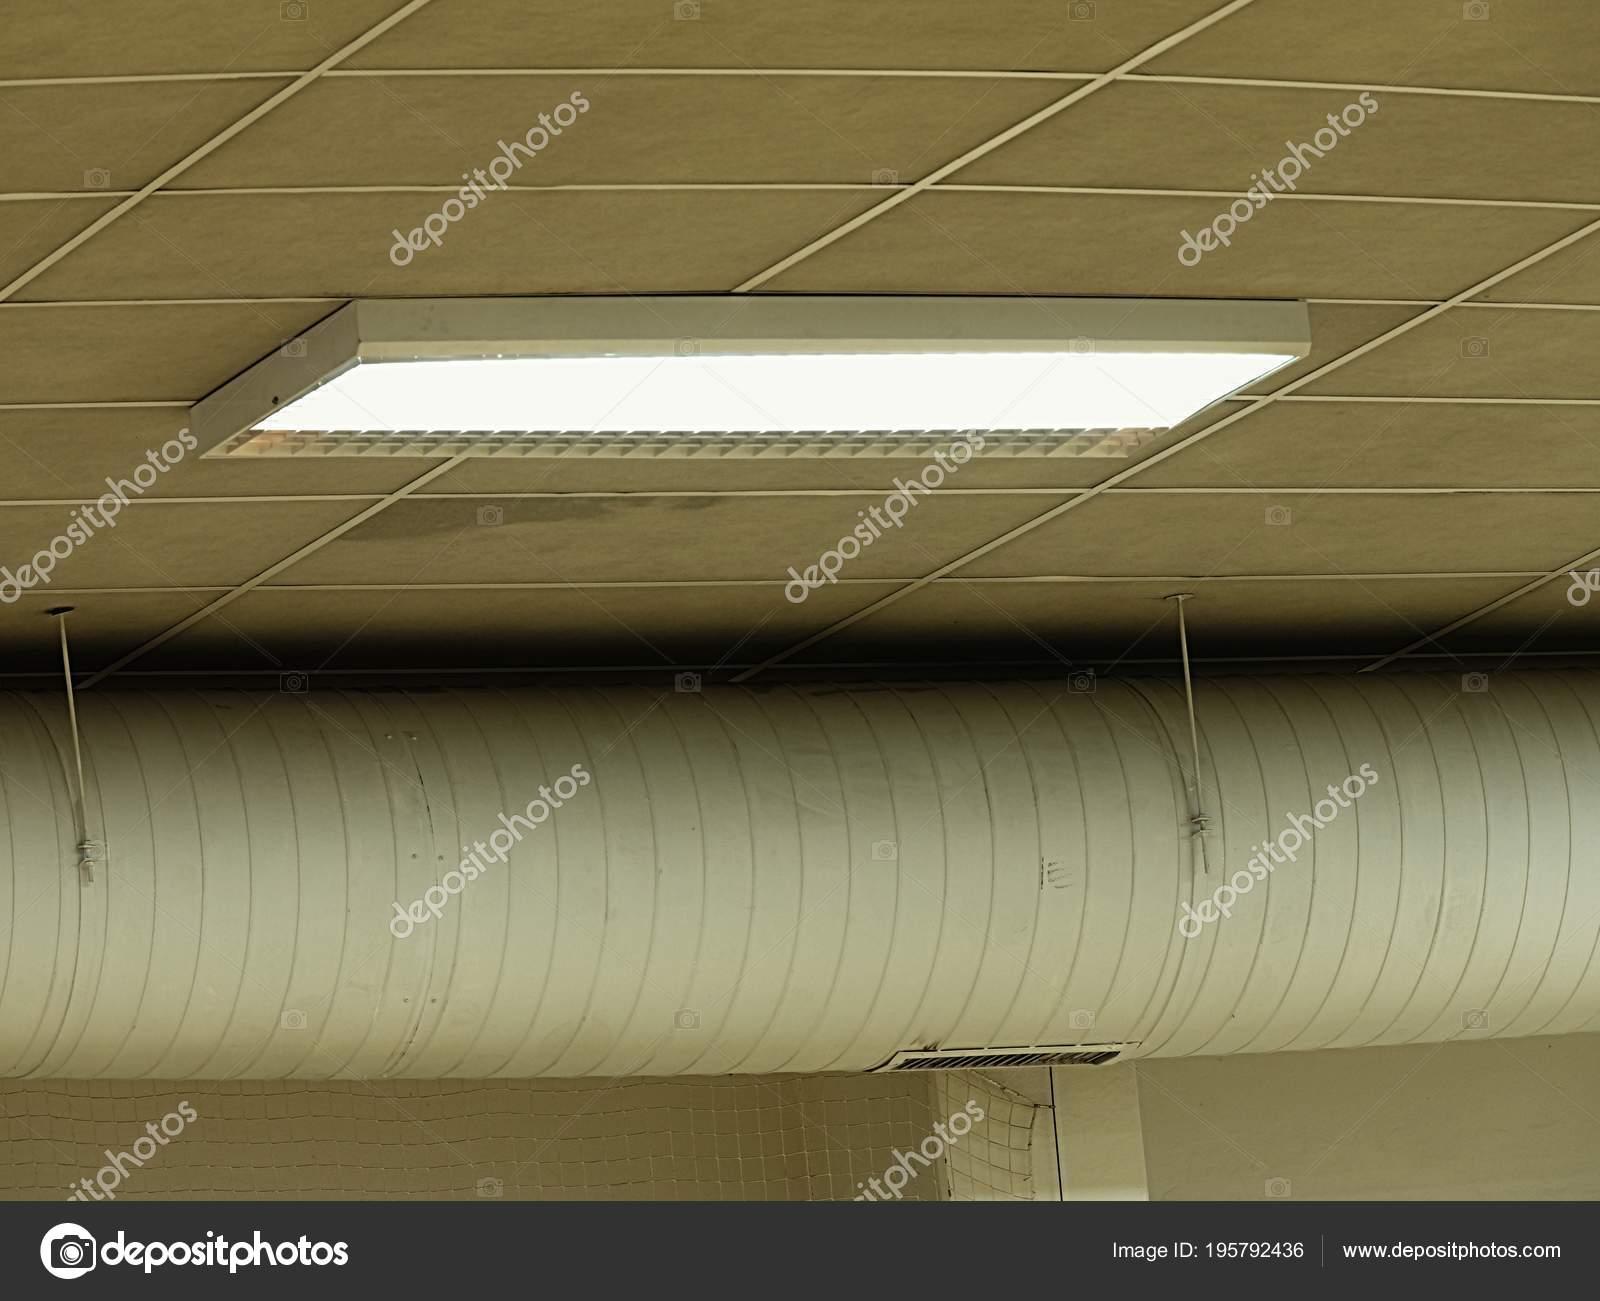 Plafoniere Soffitto Industriale : Plafoniera fluorescente soffitto bianco illuminazione industriale